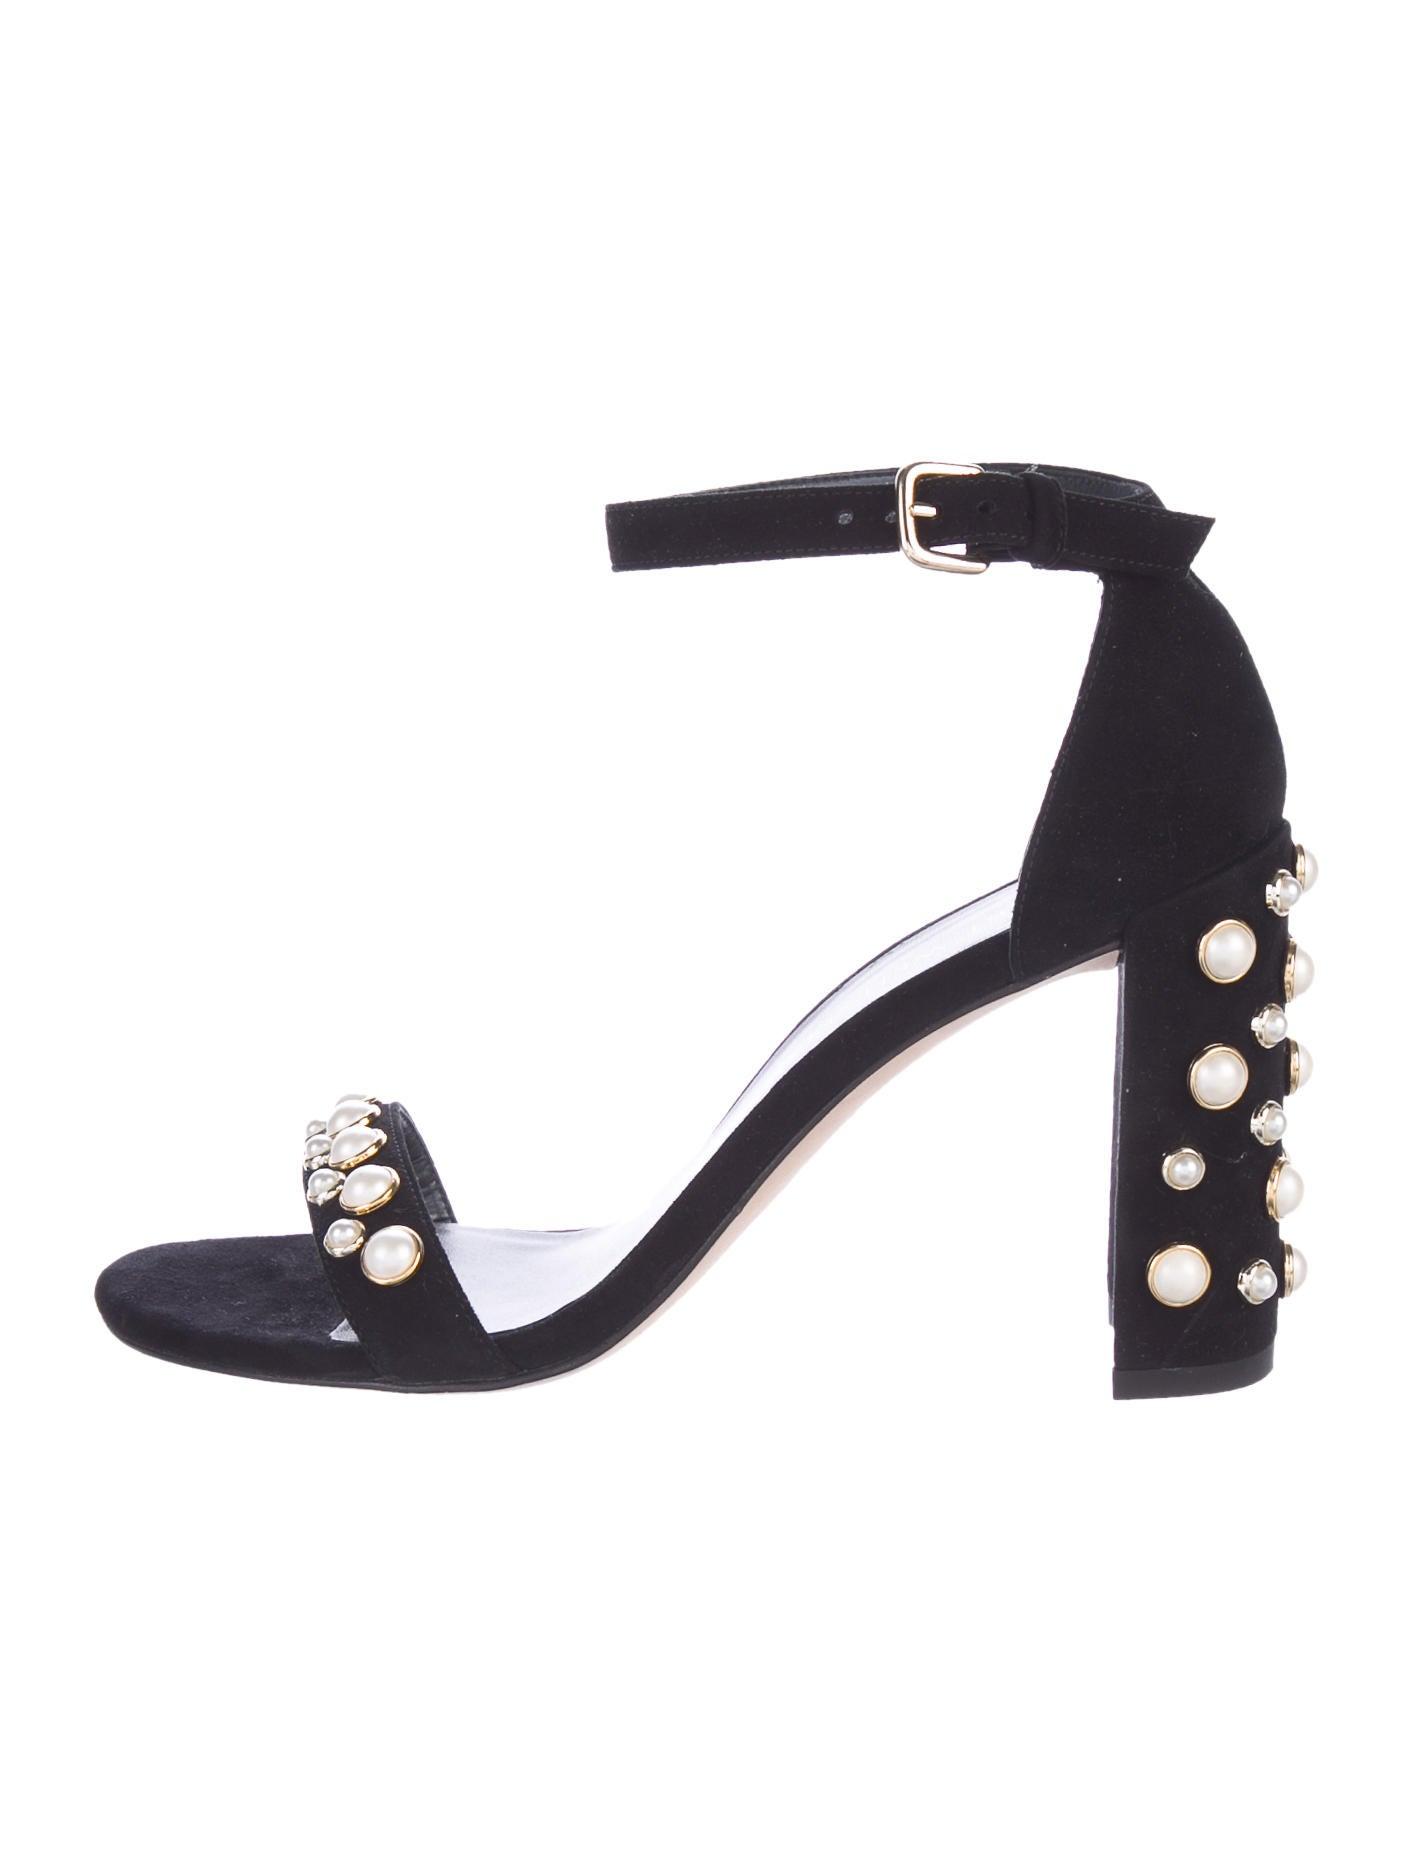 5163ba99504 Stuart Weitzman Morepearls Suede Sandals - Shoes - WSU33774